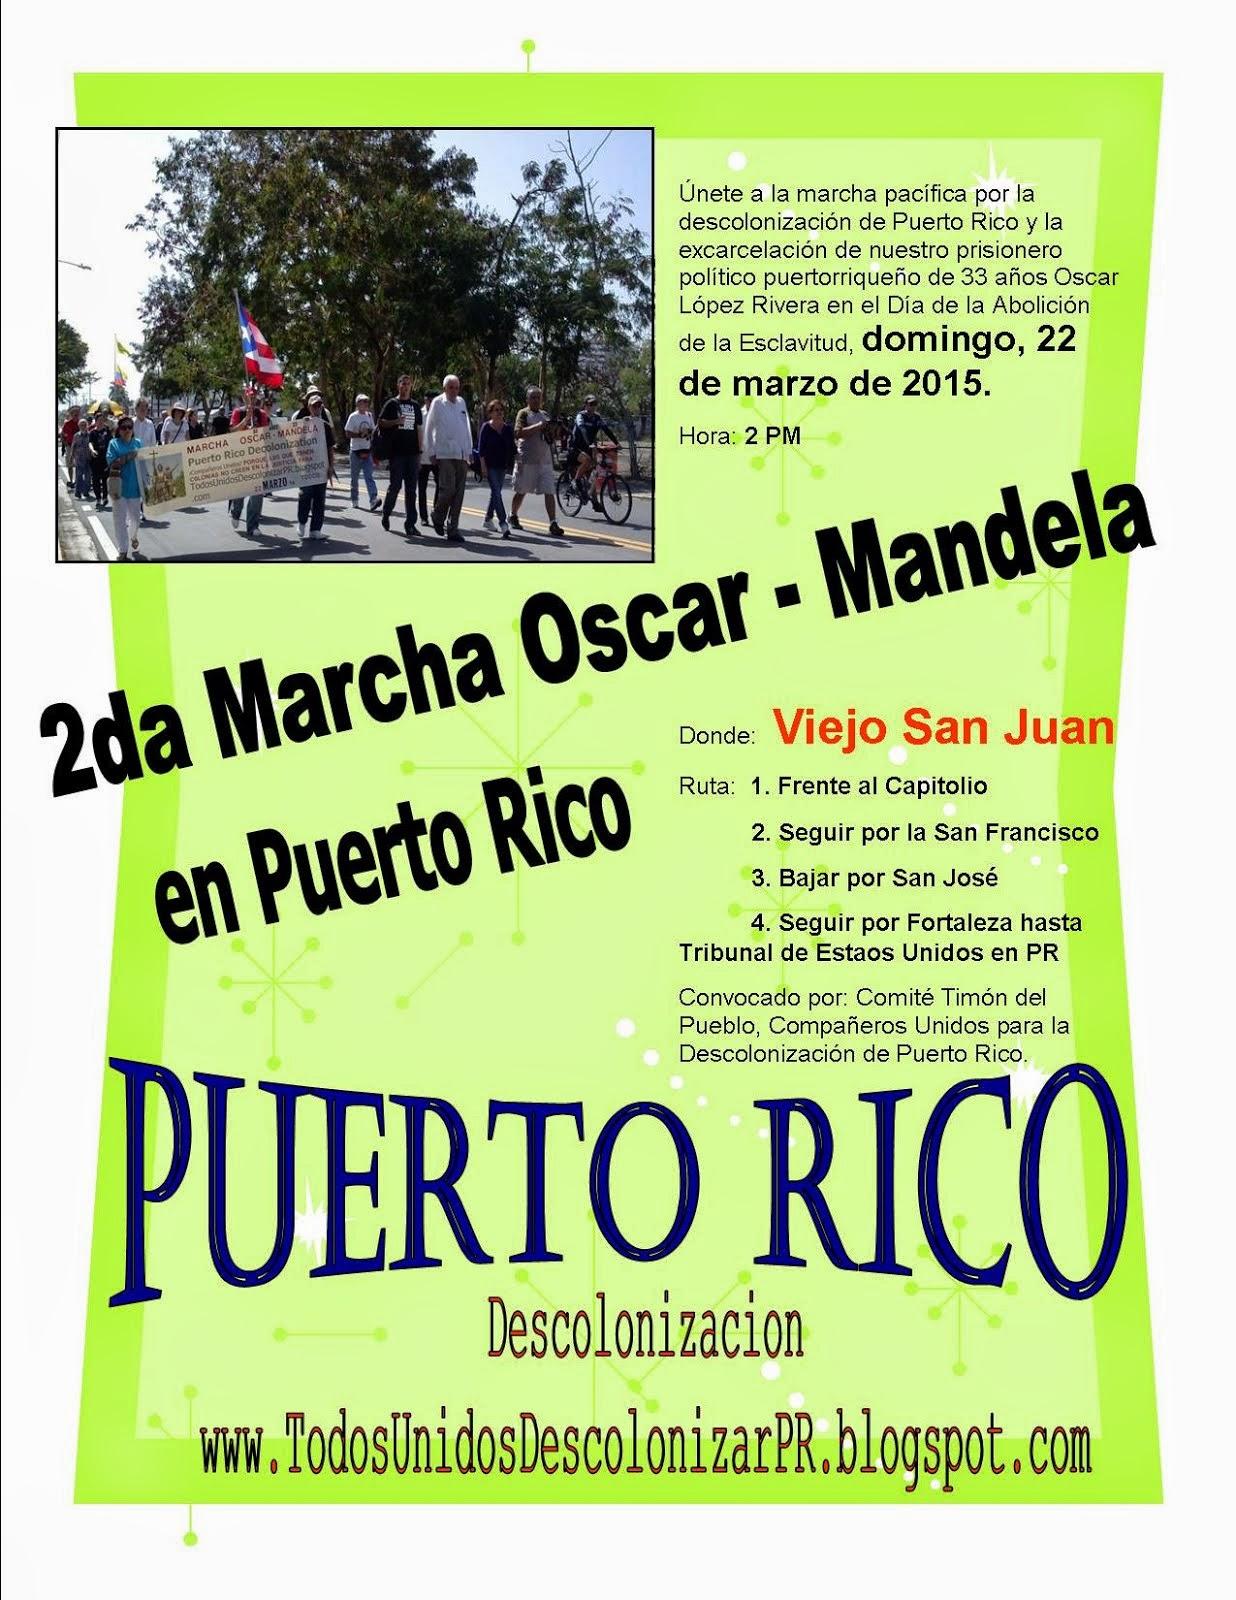 2da Marcha Oscar - Mandela en Puerto Rico 2015